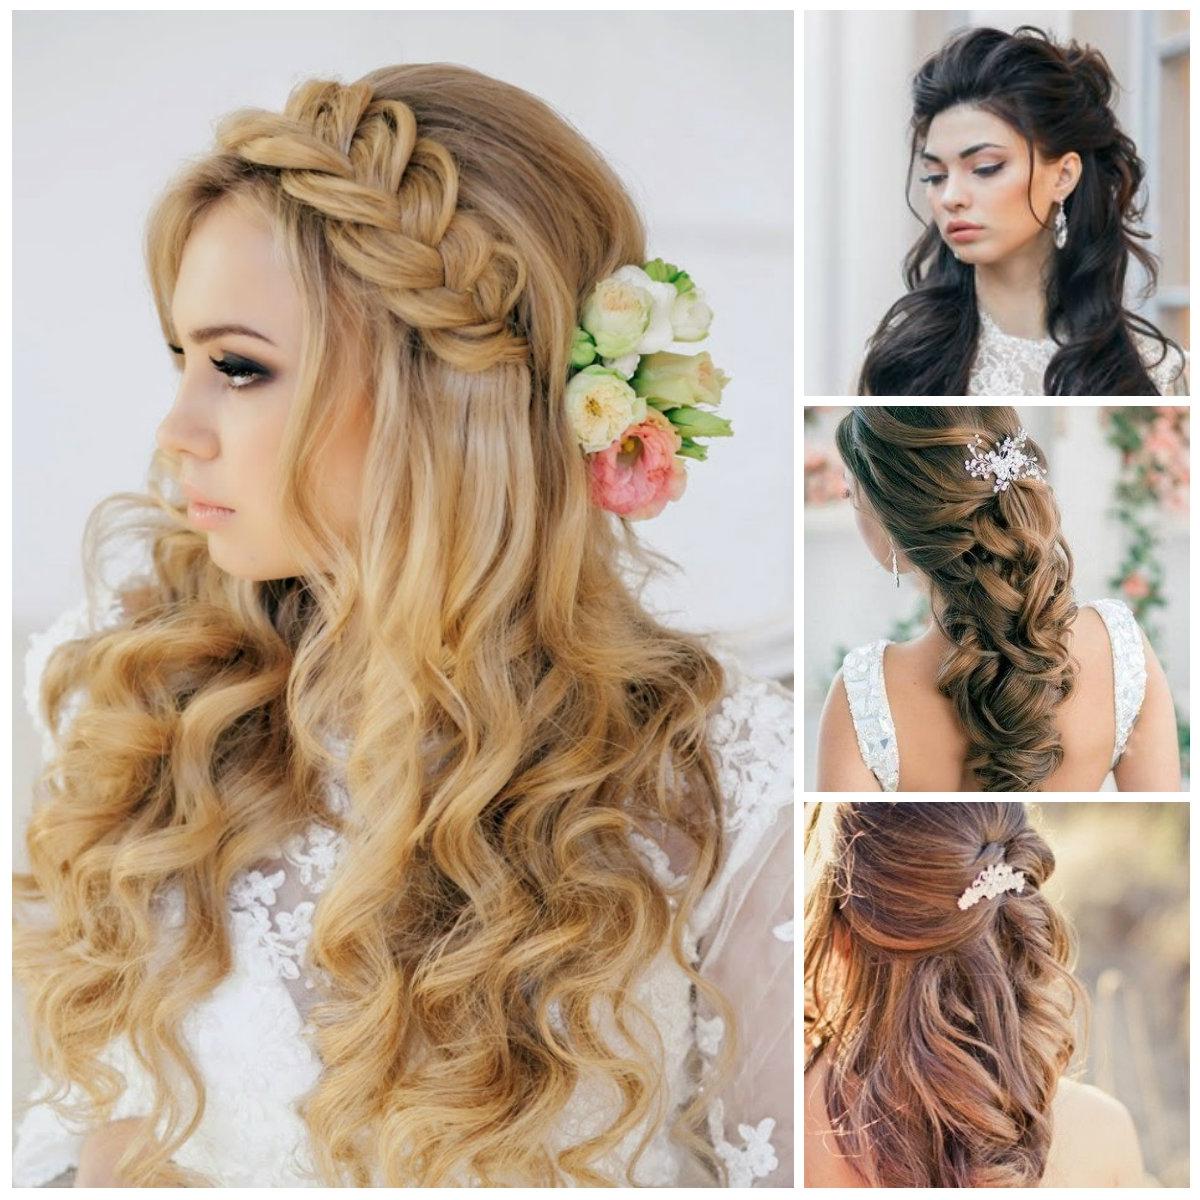 Trendy Elegant Medium Hairstyles For Weddings Within Women Hairstyle : Wedding Hairstyles For Long Hair With Flowers (View 15 of 20)